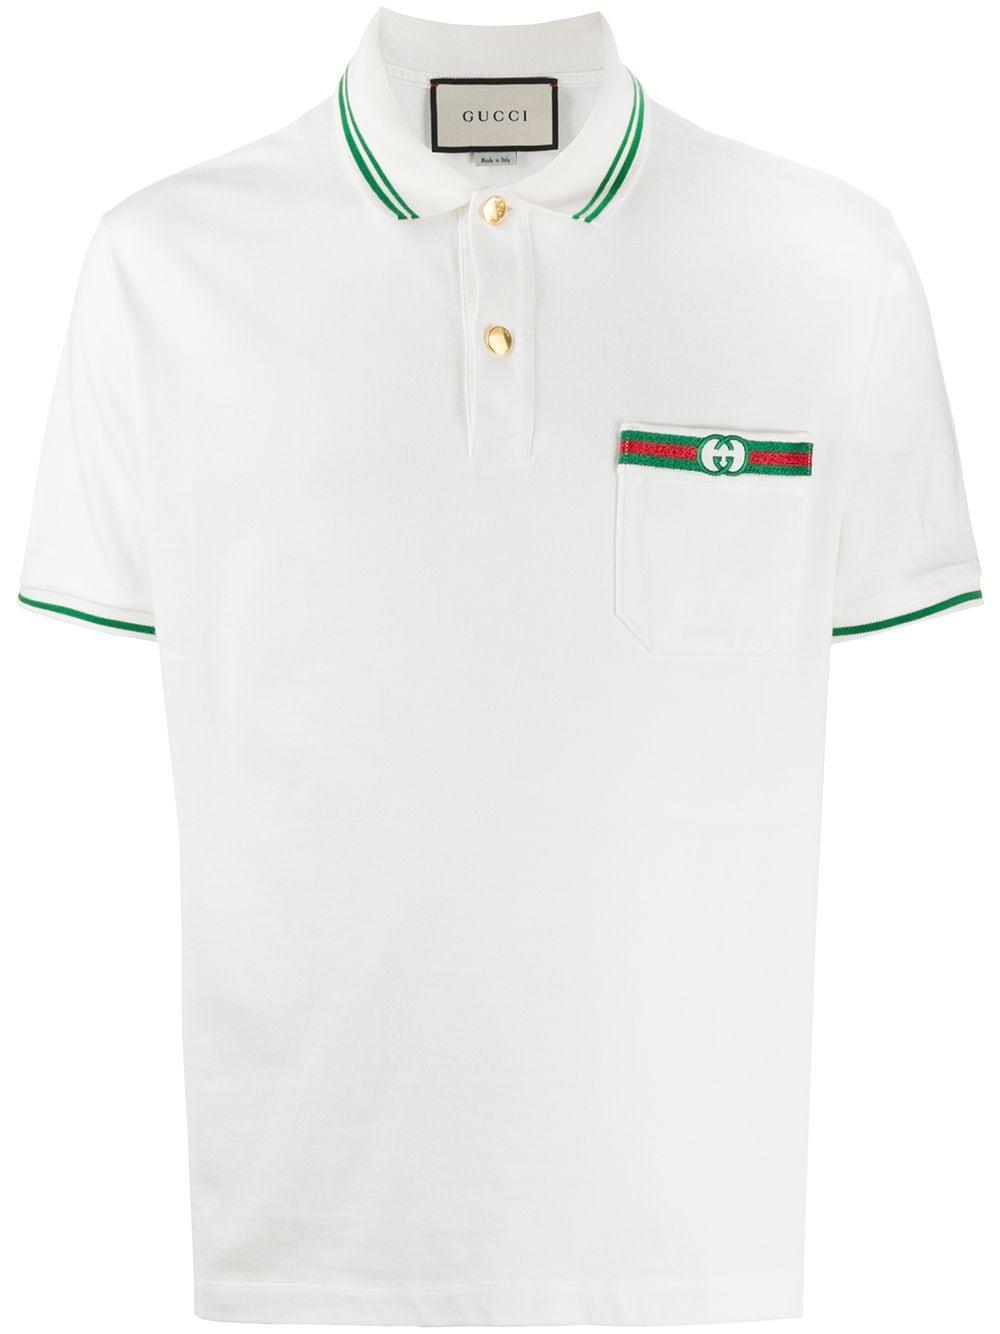 Gucci Klassisches Poloshirt - Weiß